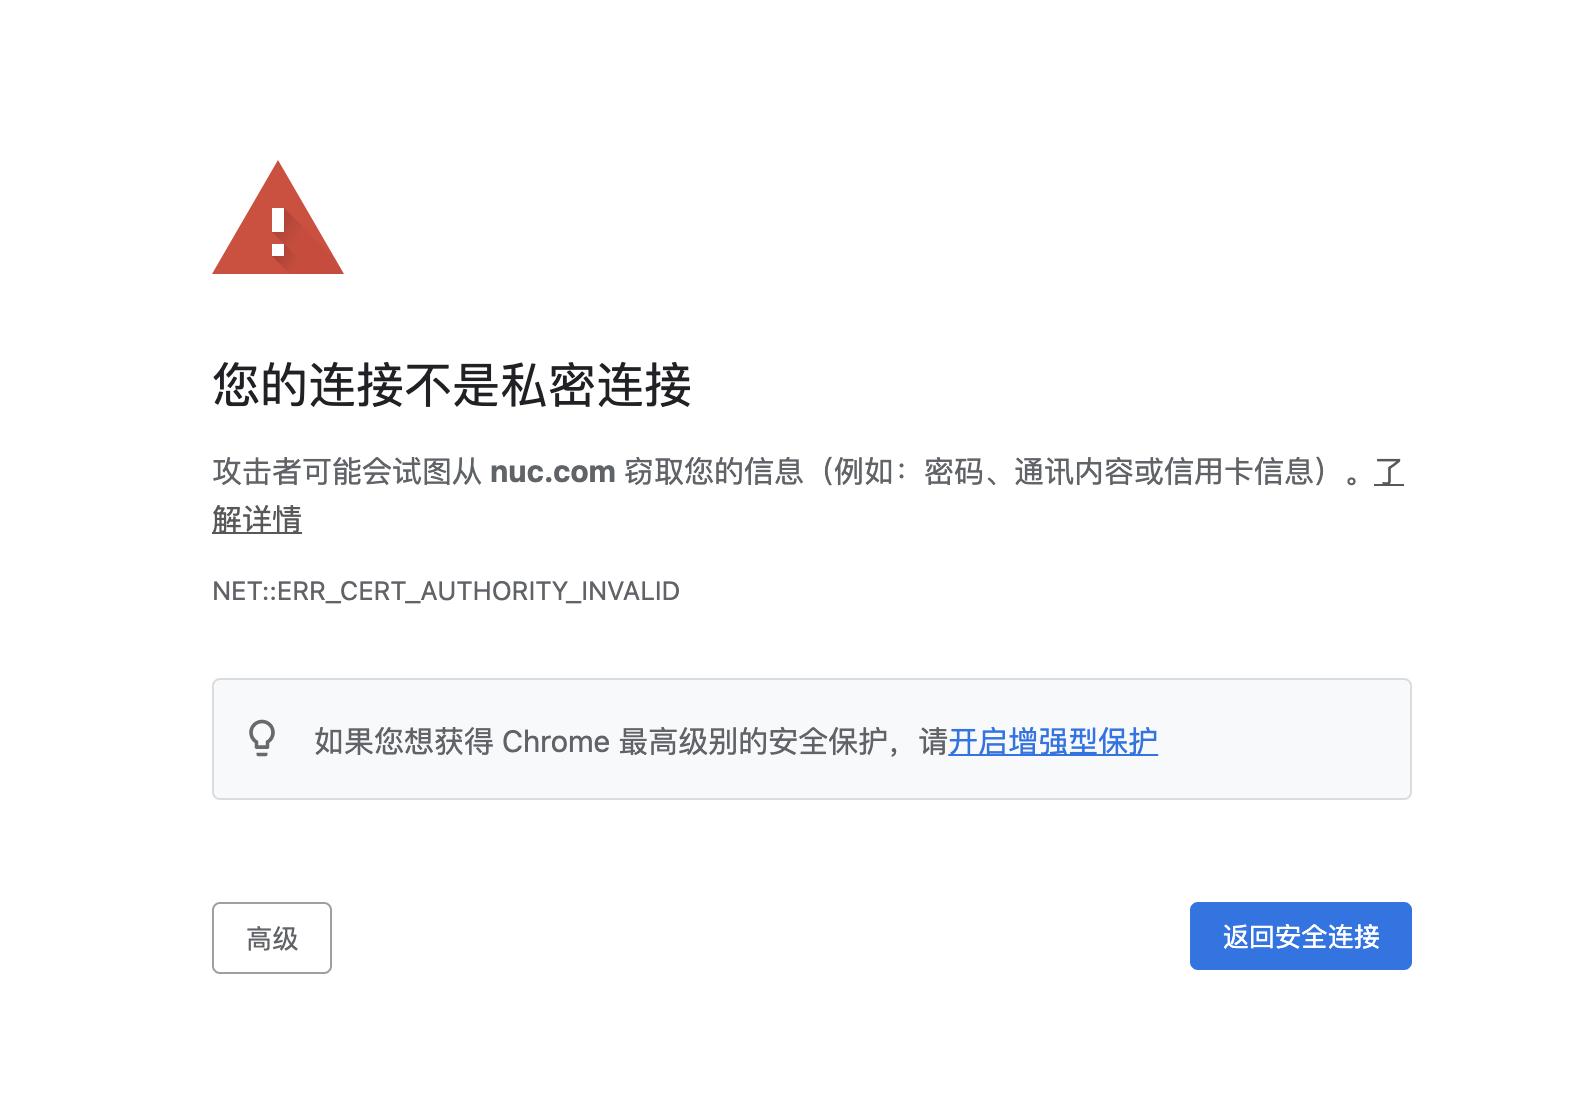 常见的网站因为证书问题而产生的警告页面